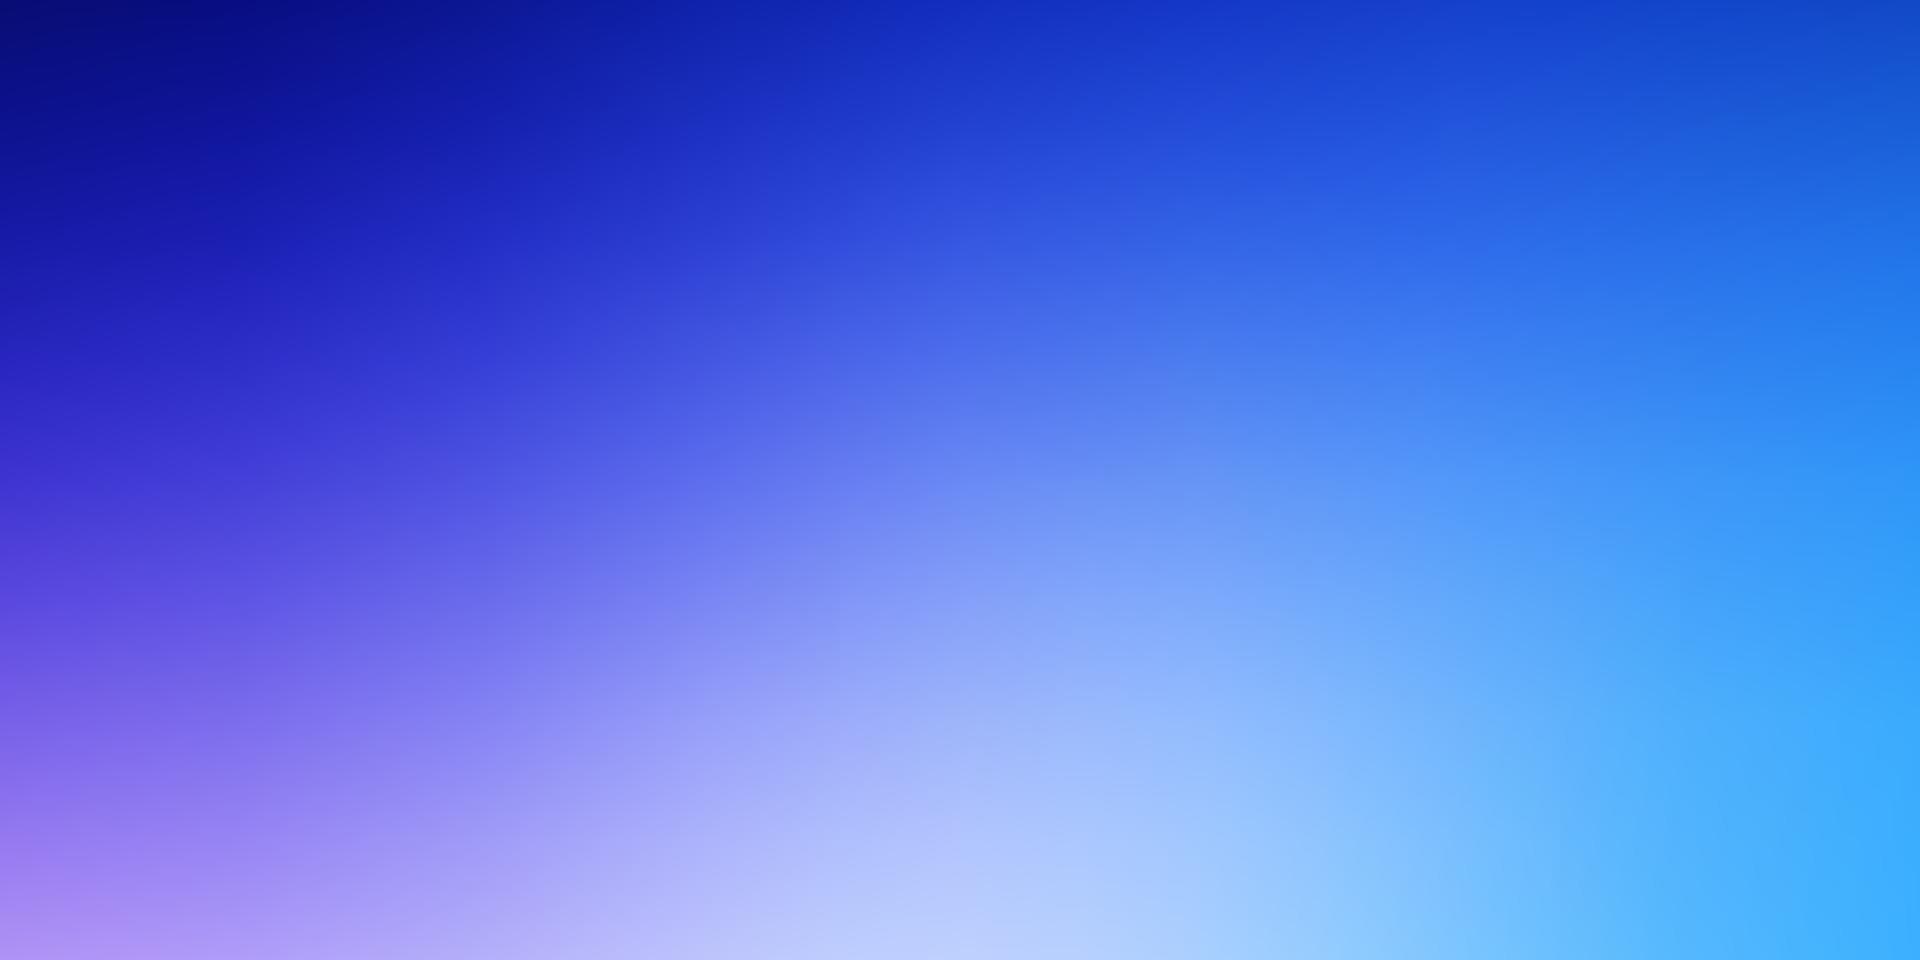 modèle flou de vecteur rose clair, bleu.